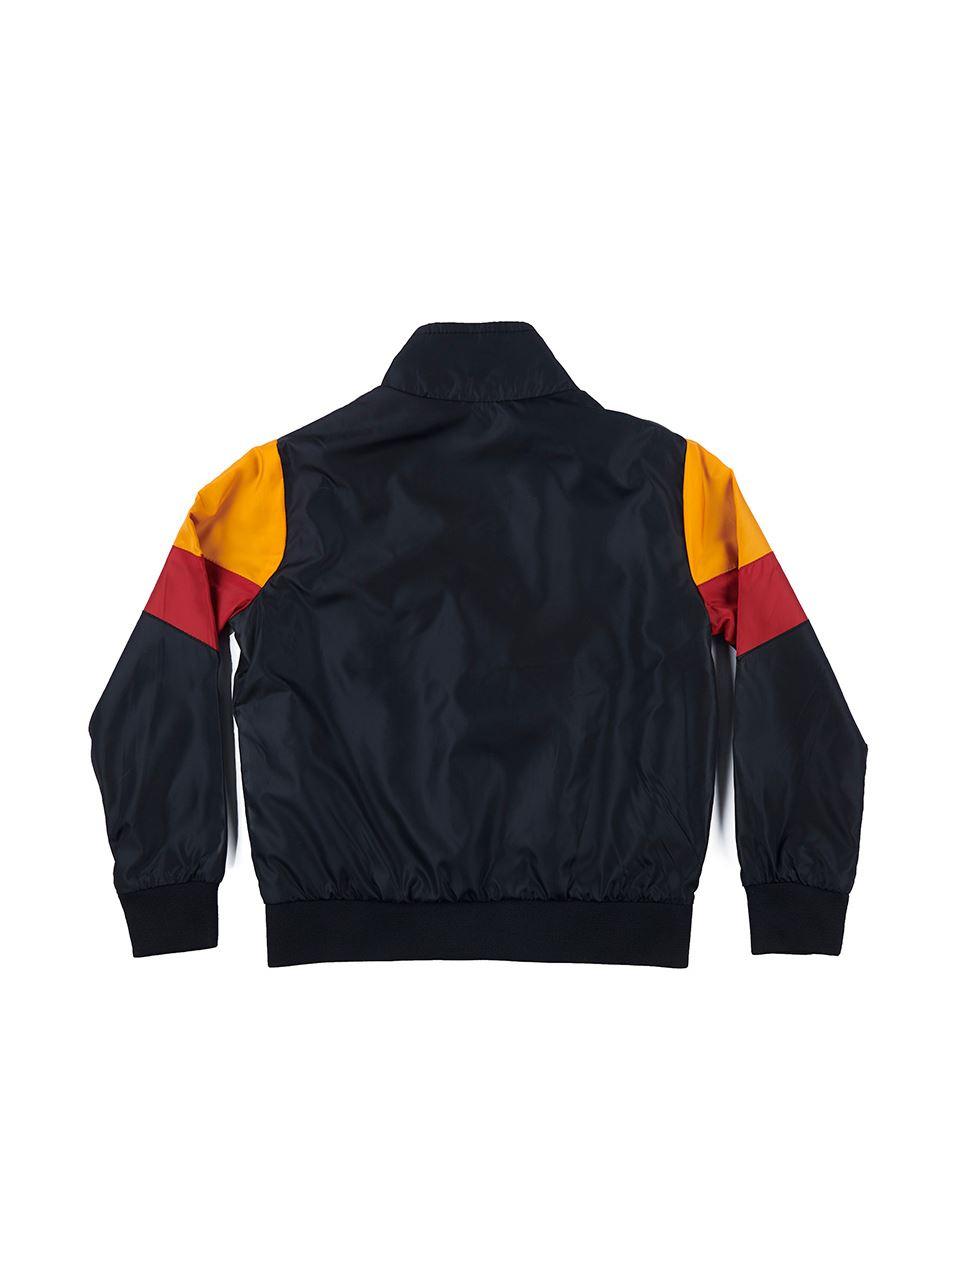 Galatasaray Çocuk Ceket C201196